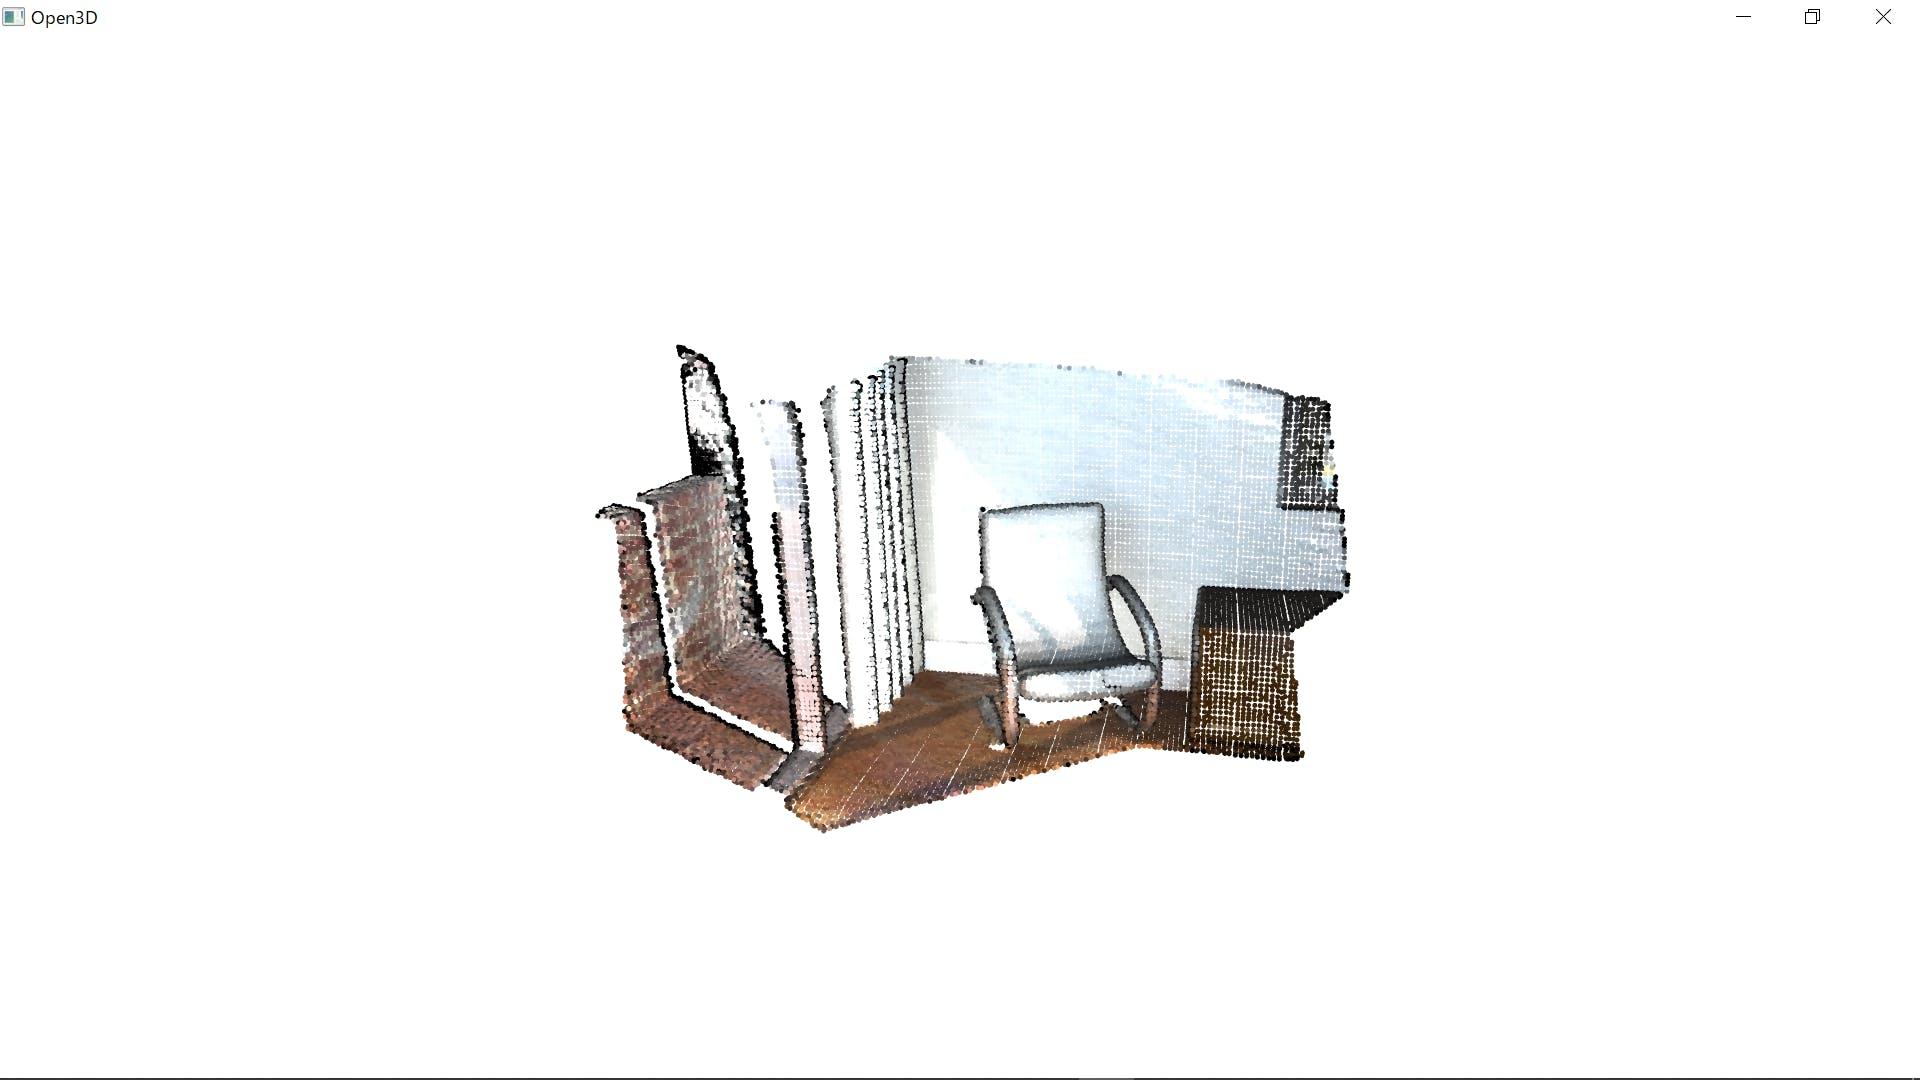 Open3d Tutorial